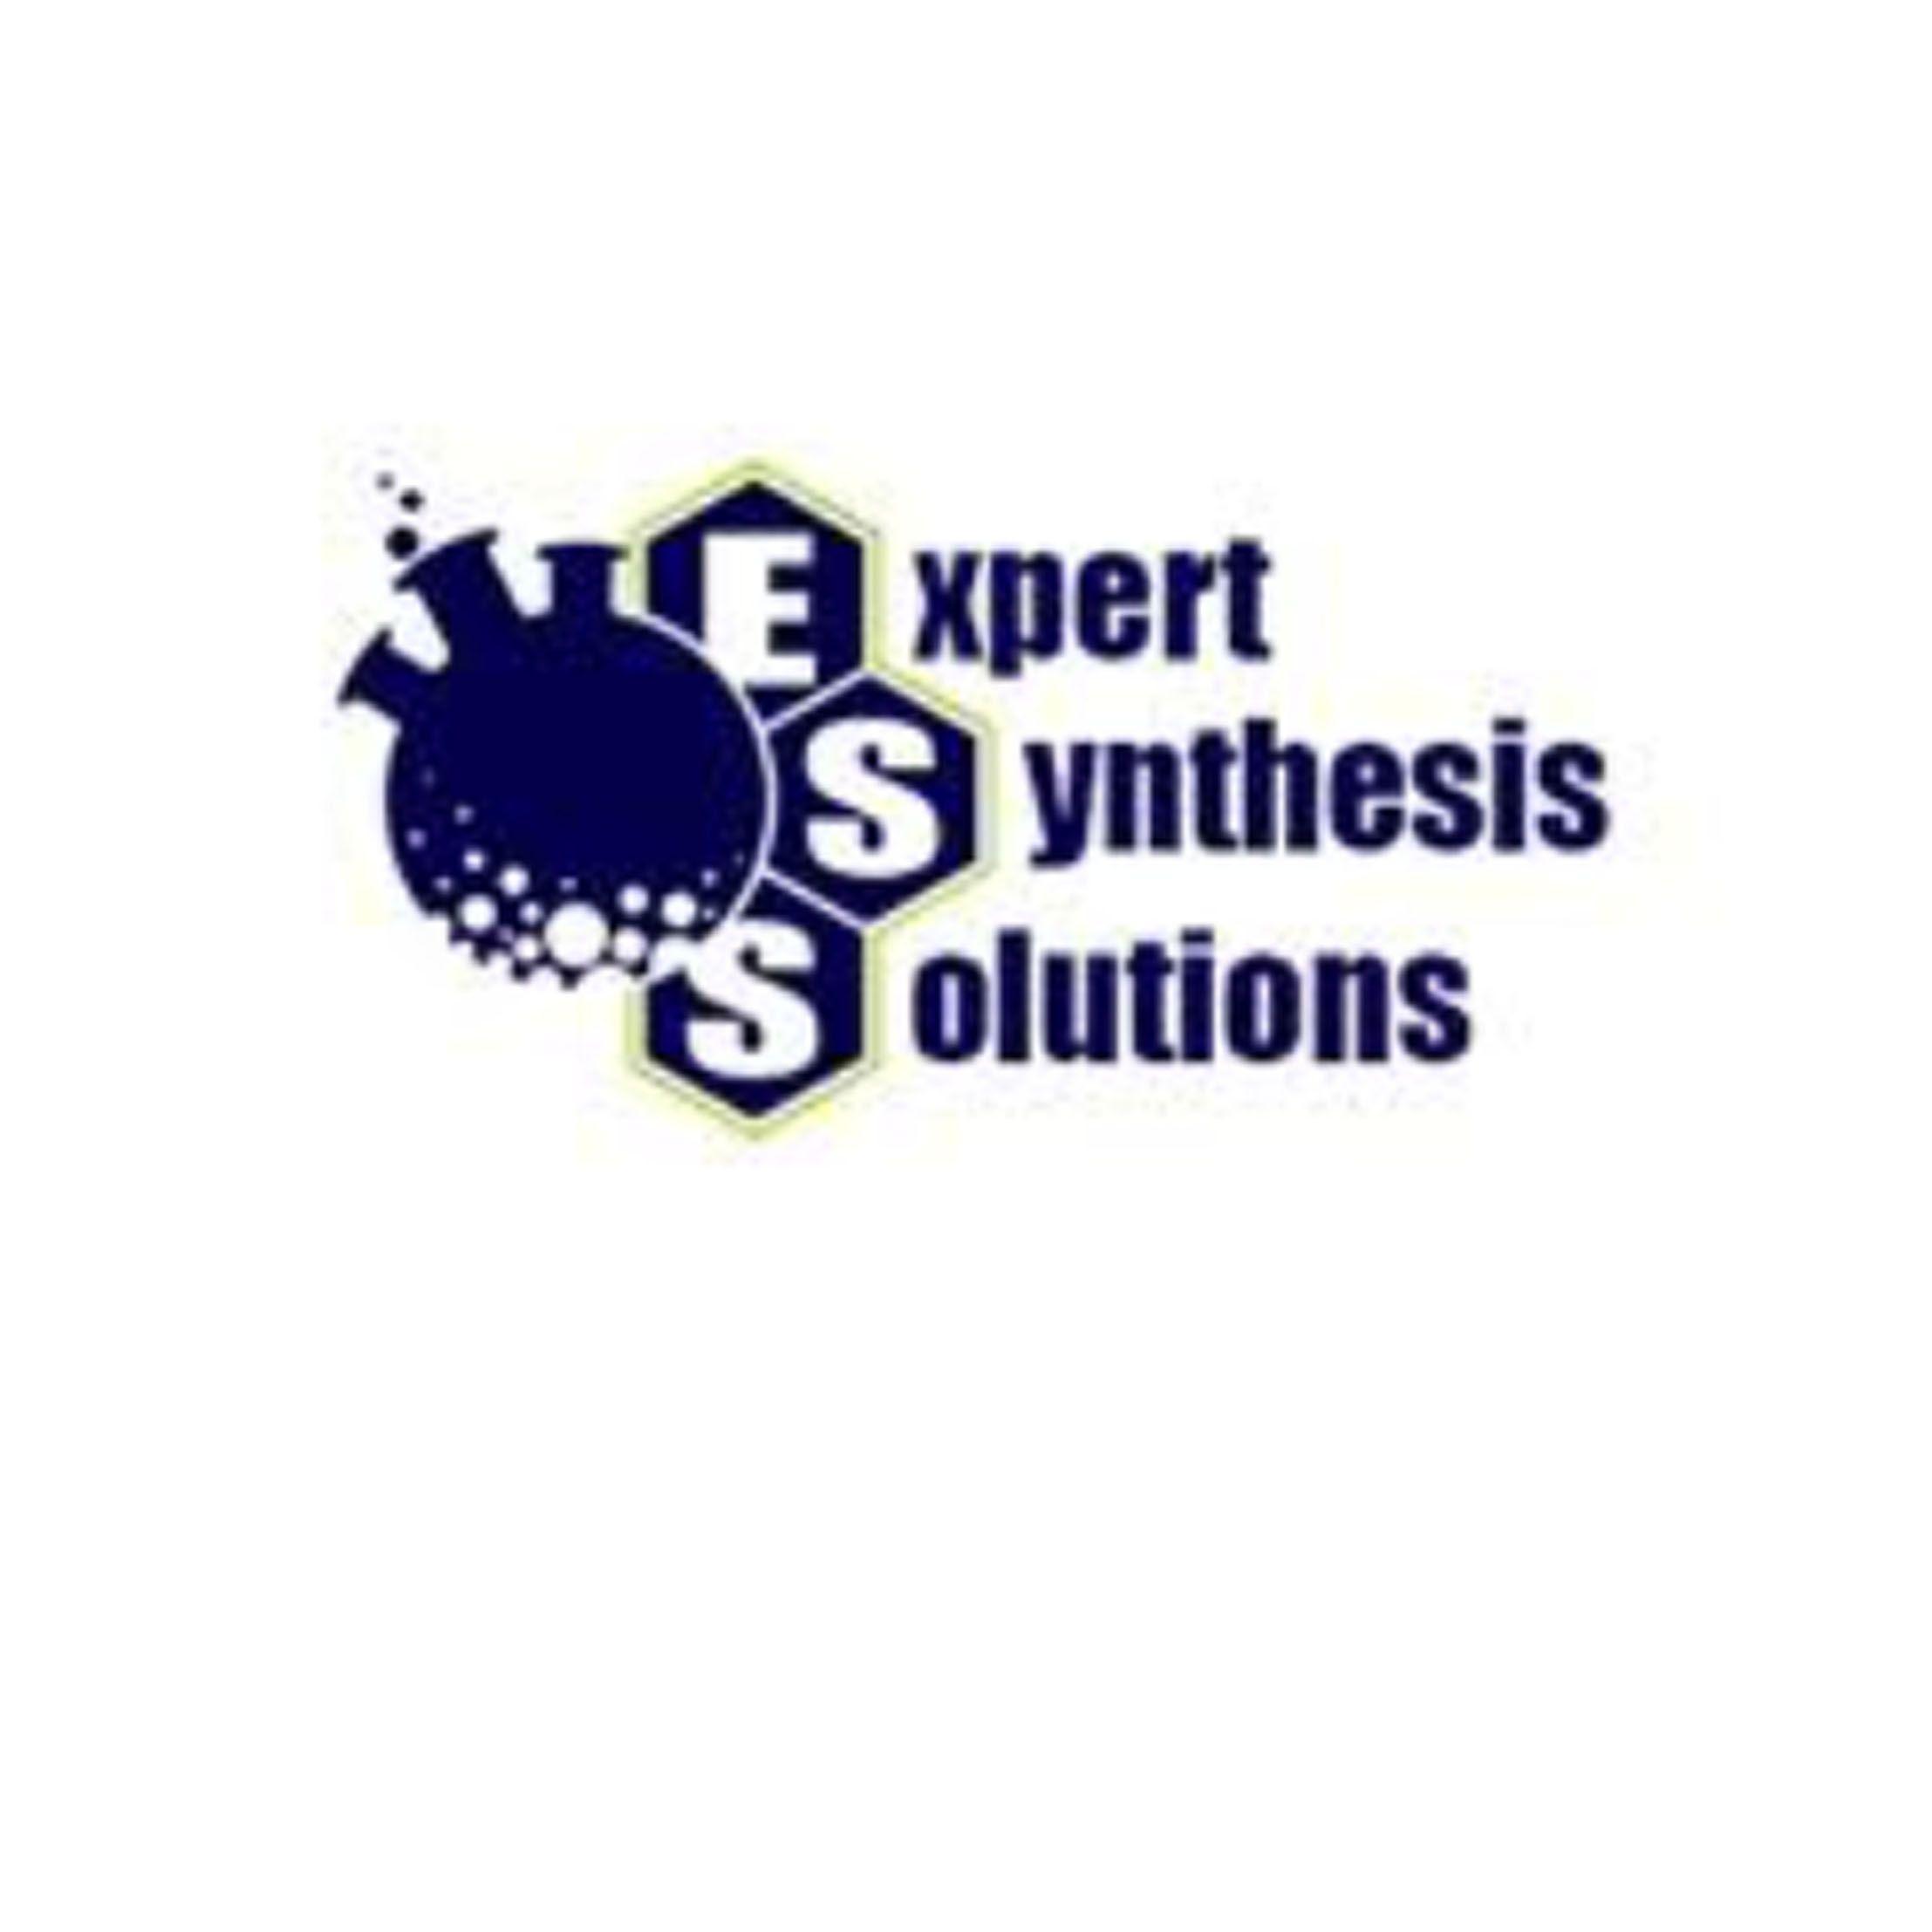 Expert Synthesis Solutions(ESS)胺类化合物、葡糖苷酸、杂环类化合物、异硫qing酸脂类化合物、类固醇化合物,现货